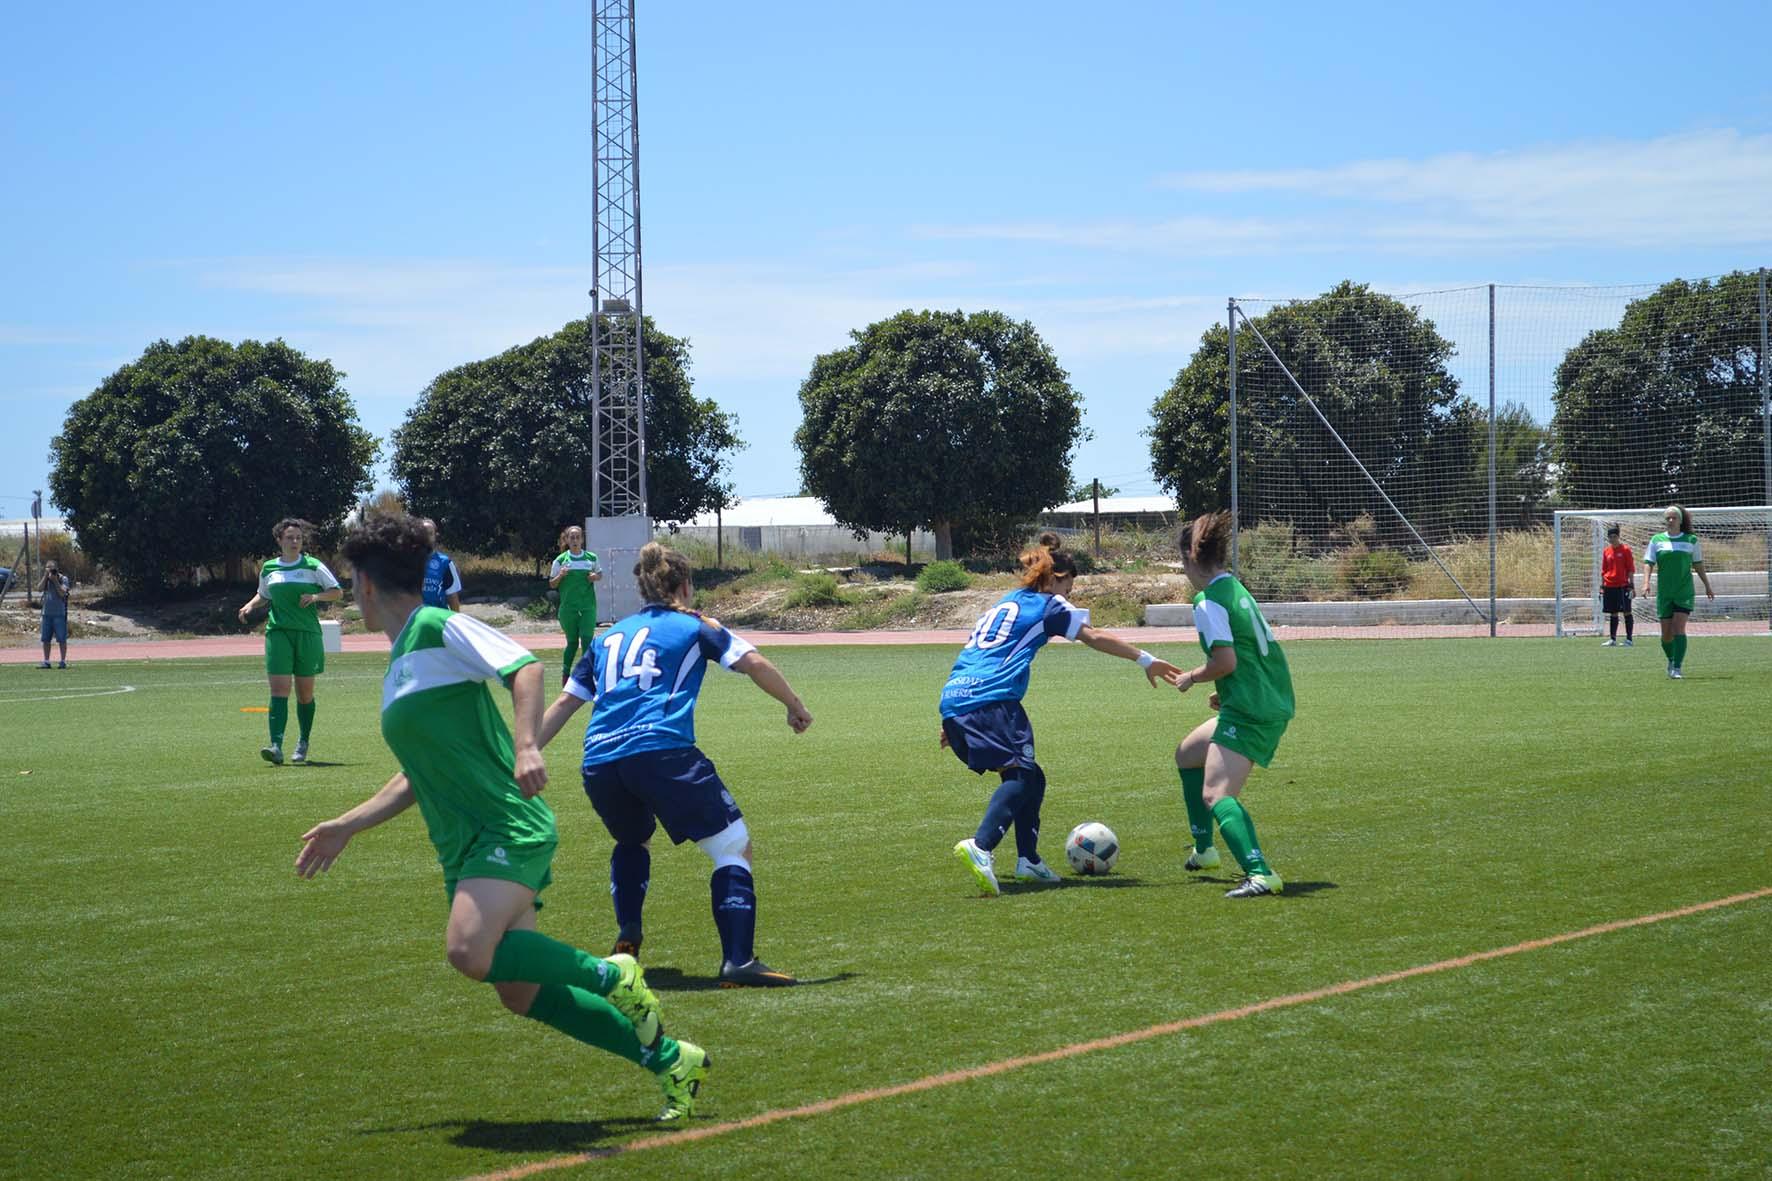 Por Qué Se Juega Al Fútbol Con 11 Jugadores Por Equipo: El Equipo De Fútbol 11 De La UAL, Con Opciones De Jugar